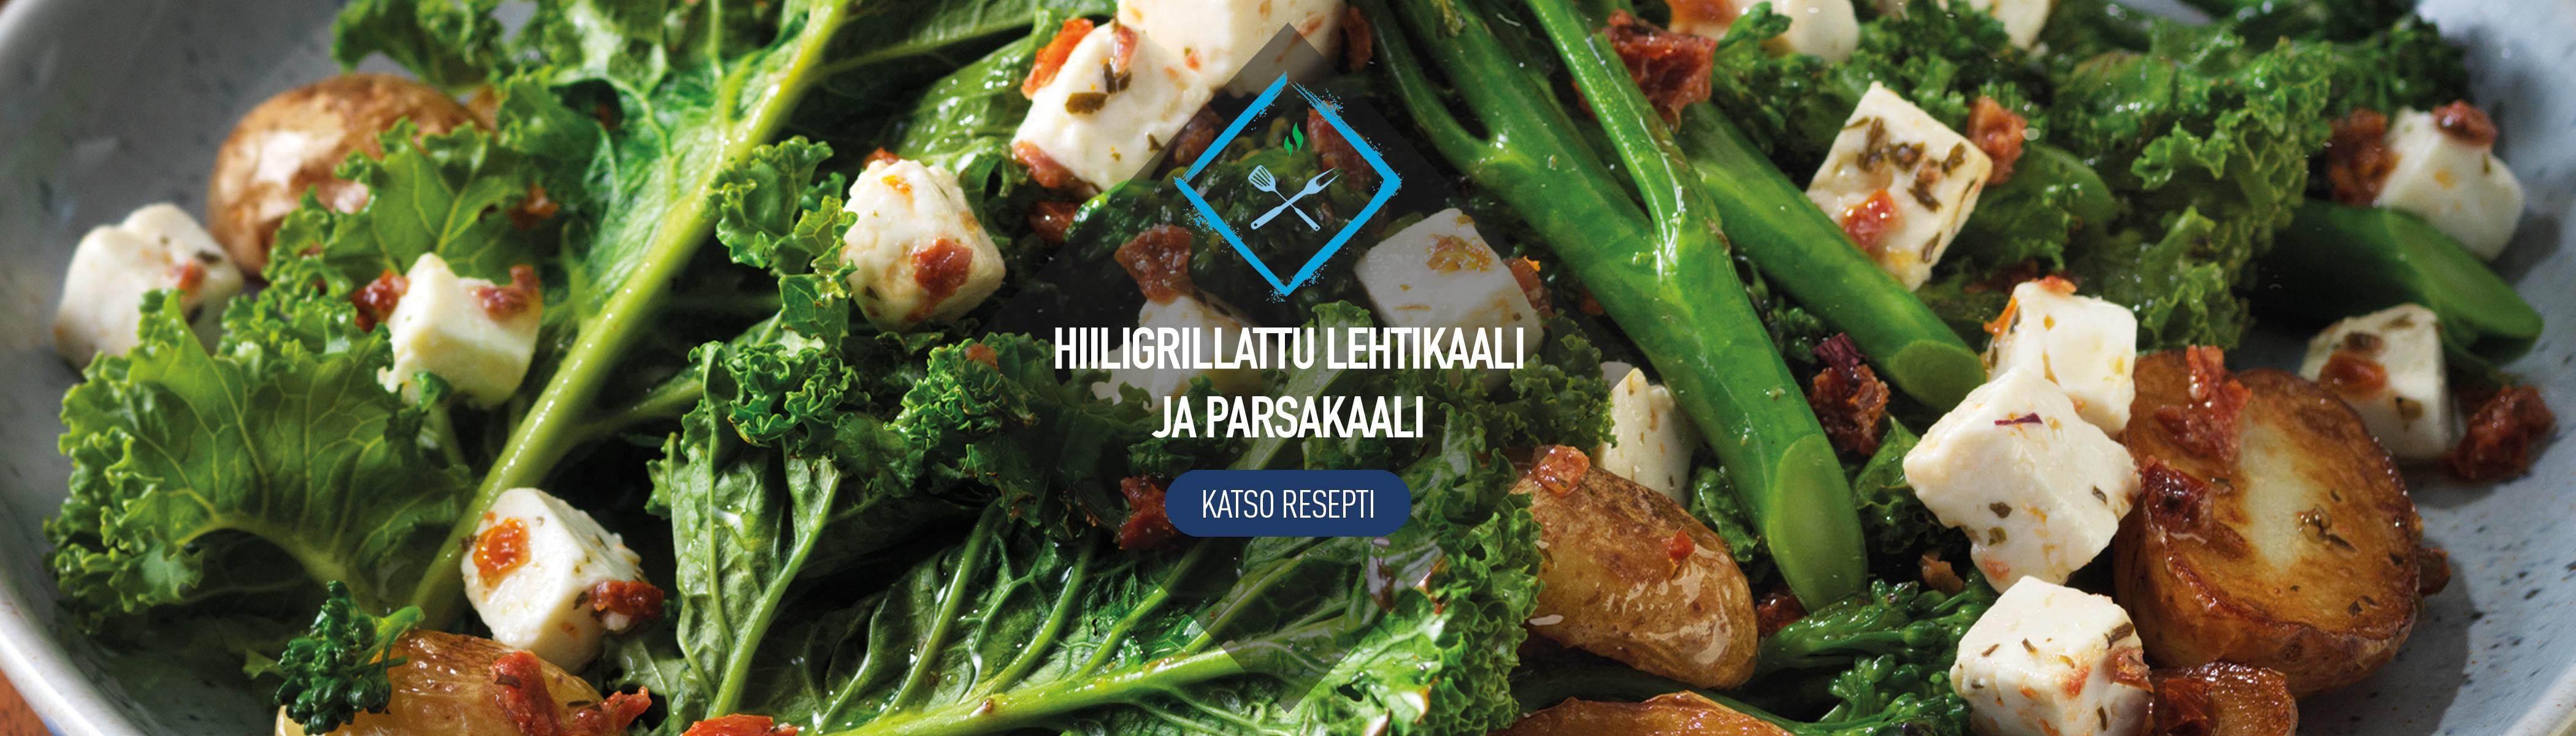 Hillostettu Lehtikaal Broccolini ja Perunasalaatti